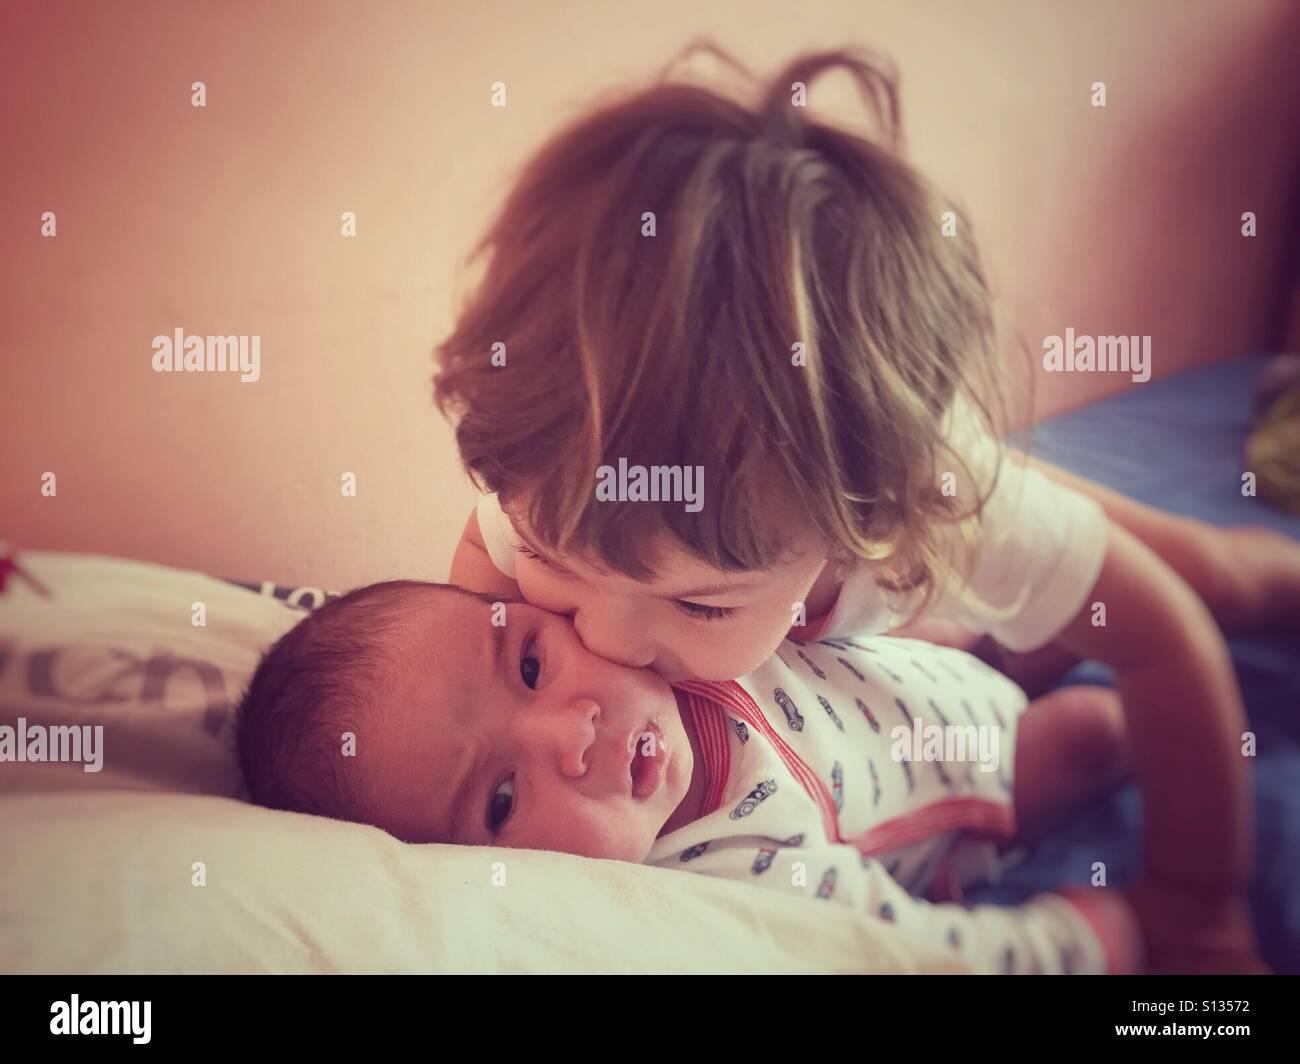 Sœur embrassant son frère Banque D'Images